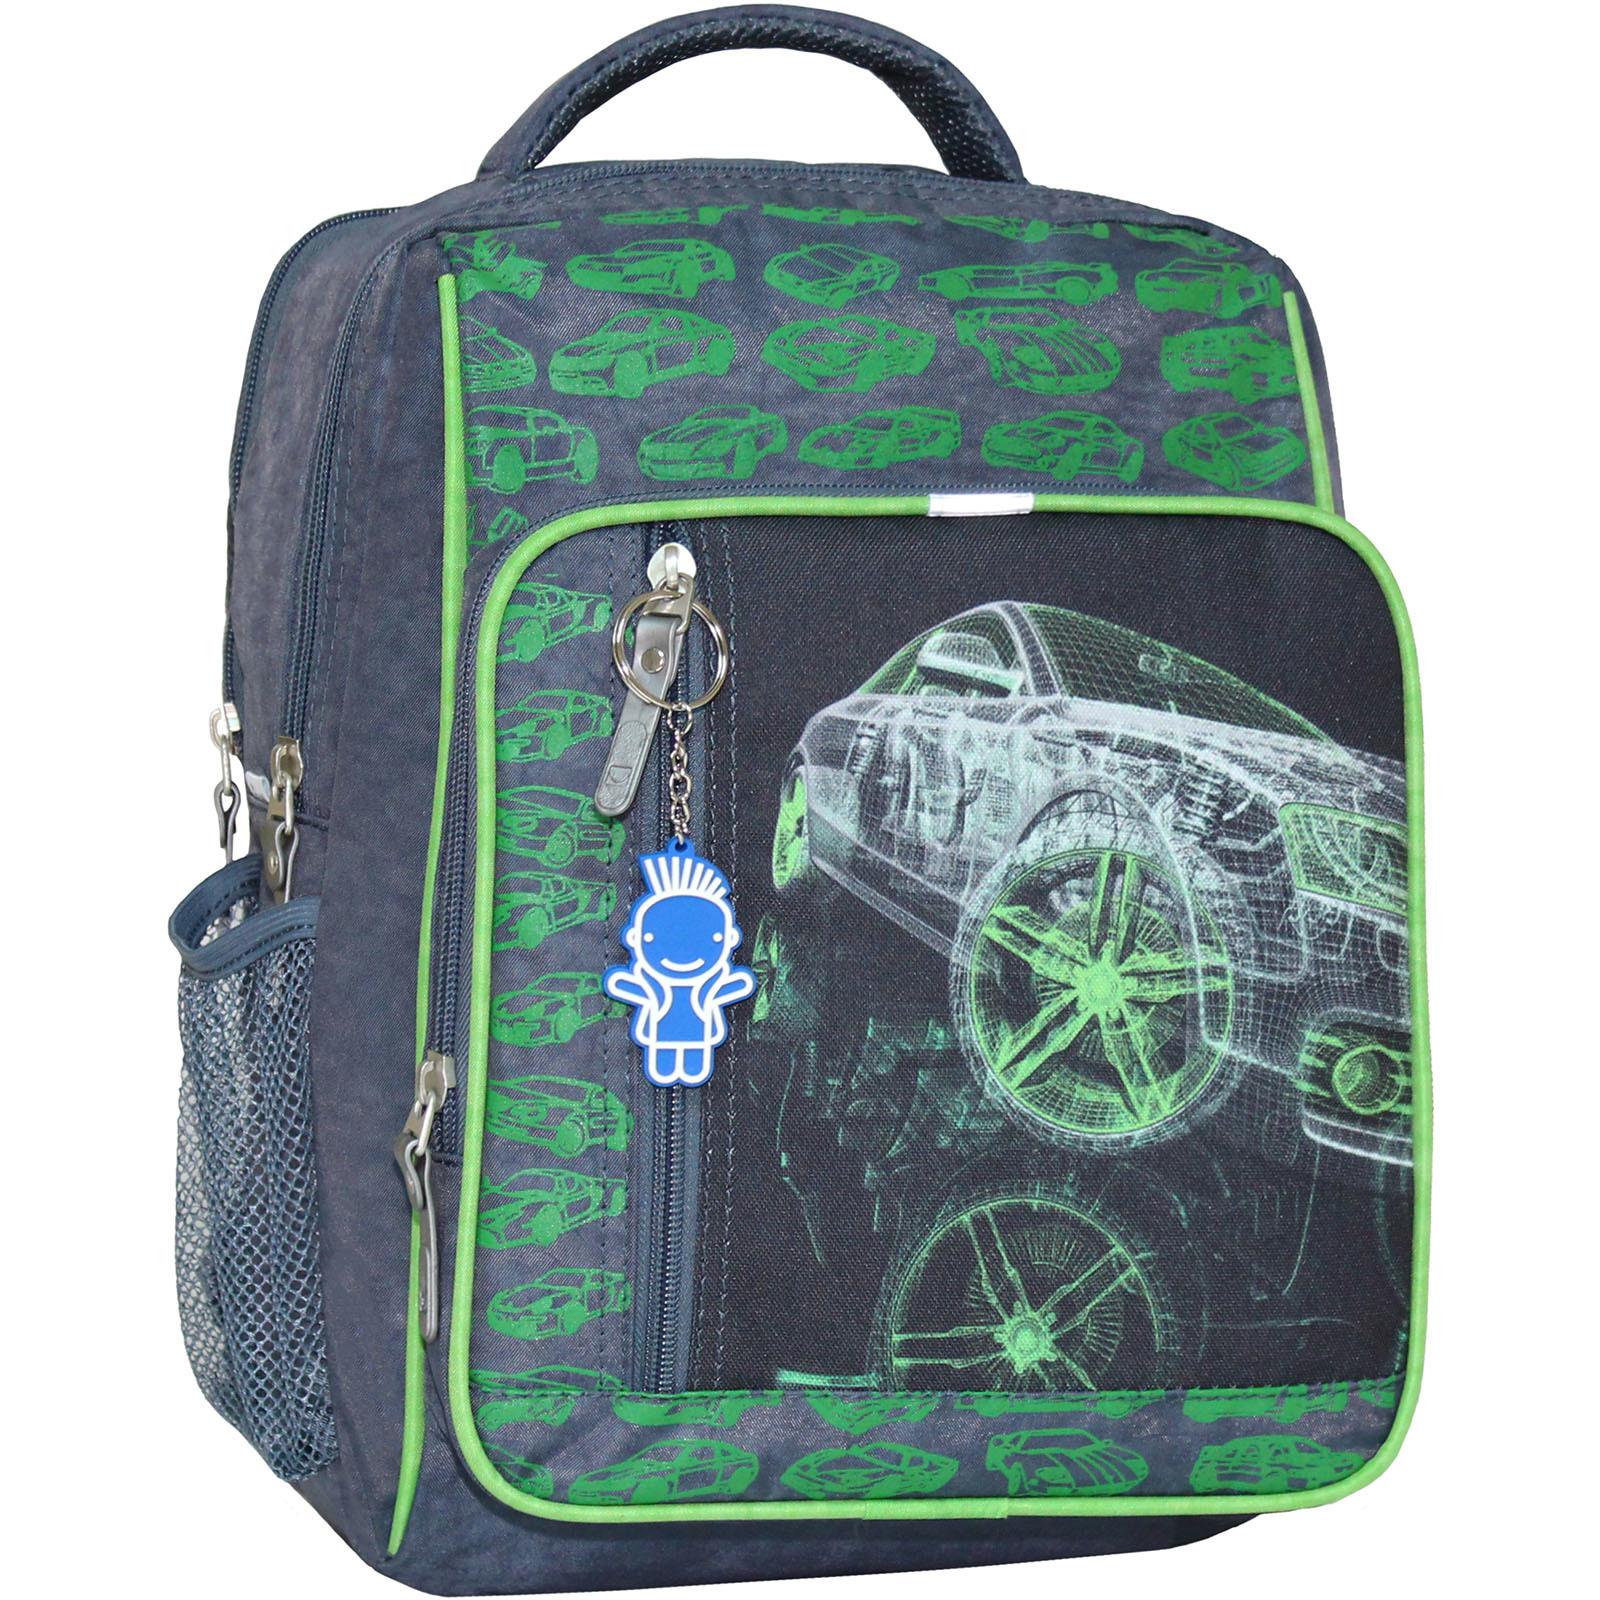 Школьные рюкзаки Рюкзак школьный Bagland Школьник 8 л. 321 серый 16м (0012870) IMG_4496.JPG